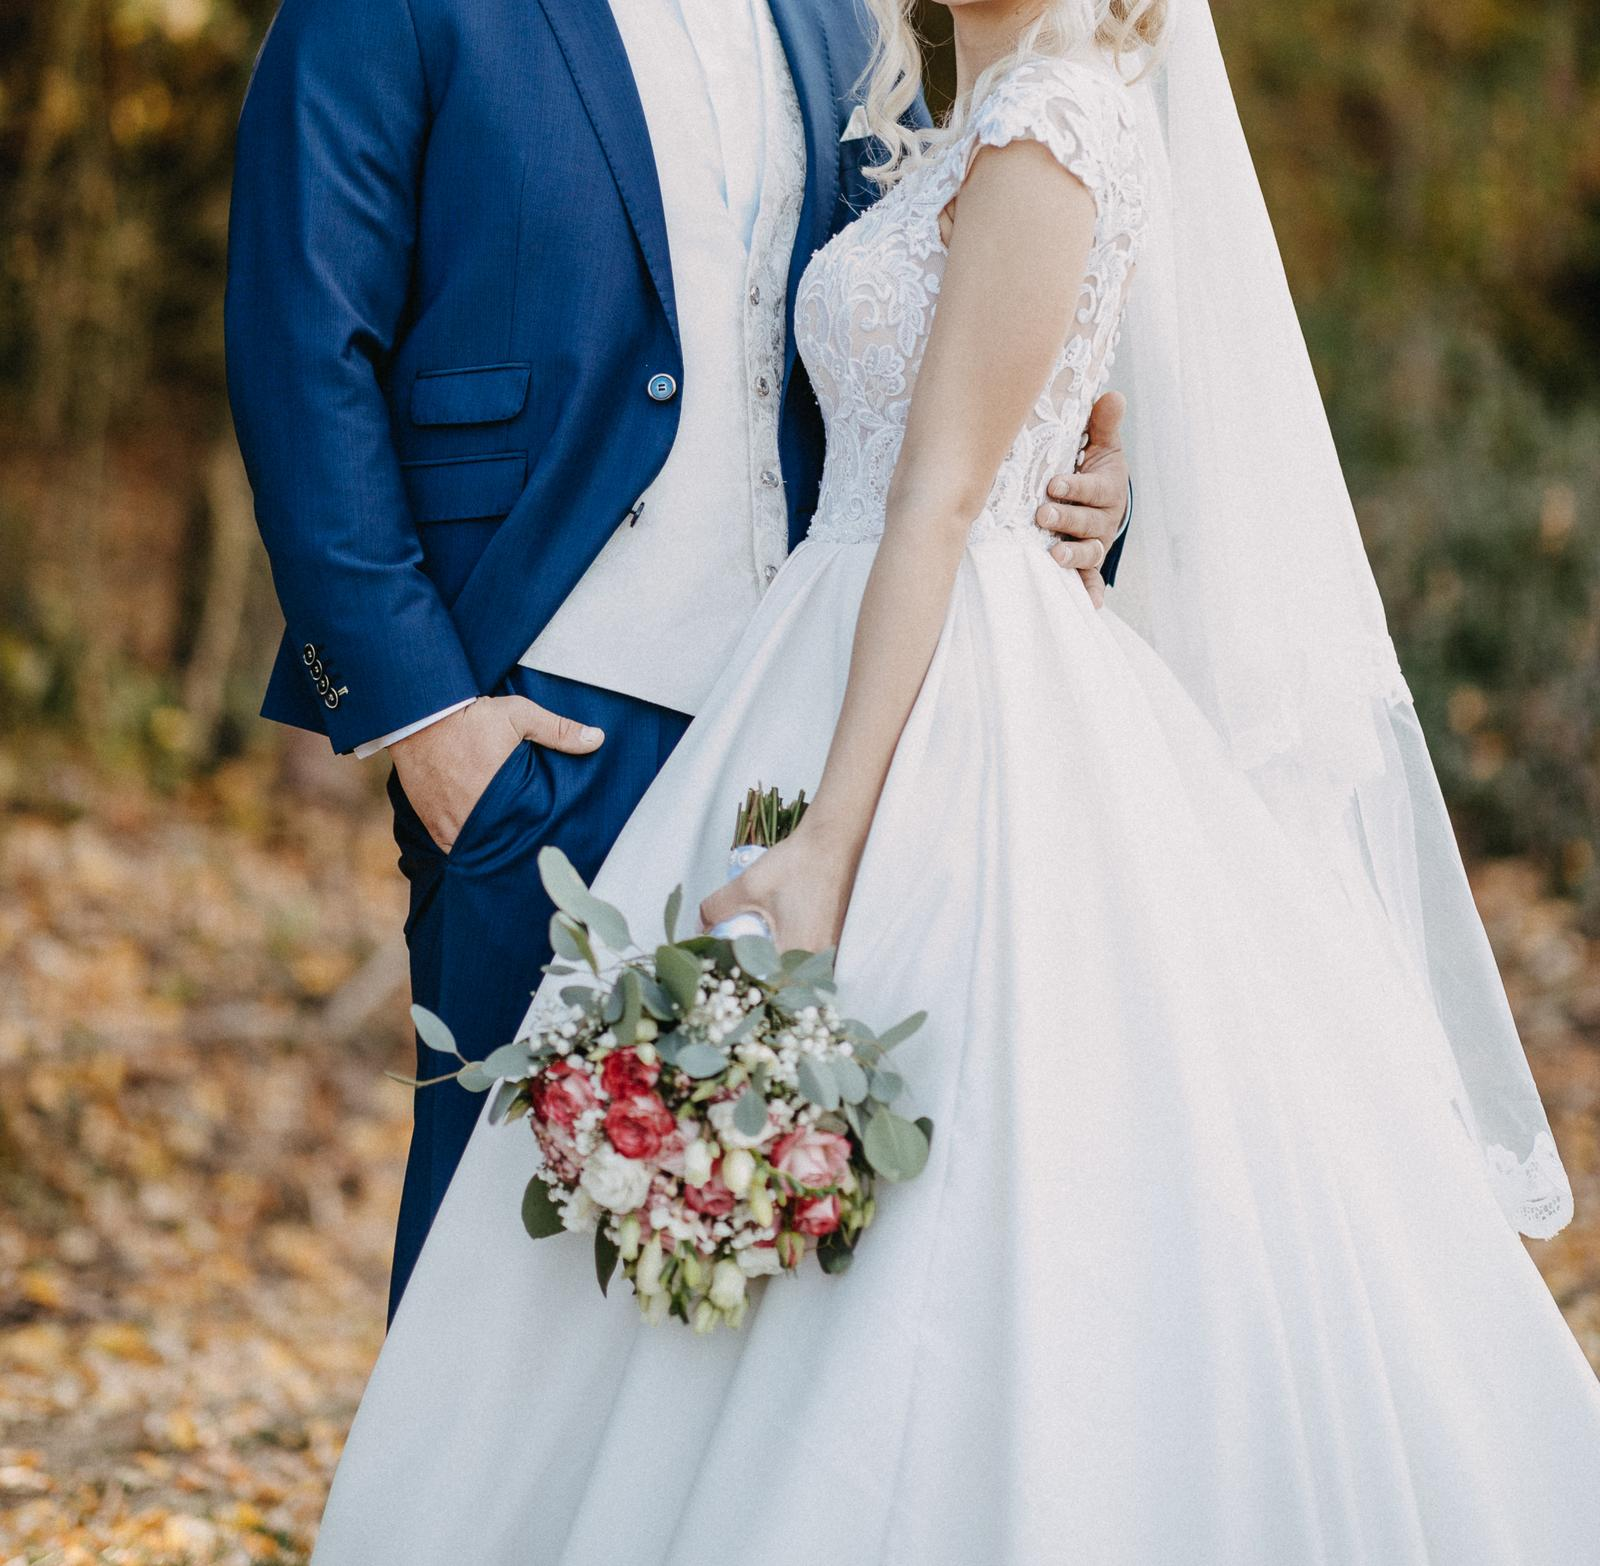 svadobné talianske šaty - Obrázok č. 1